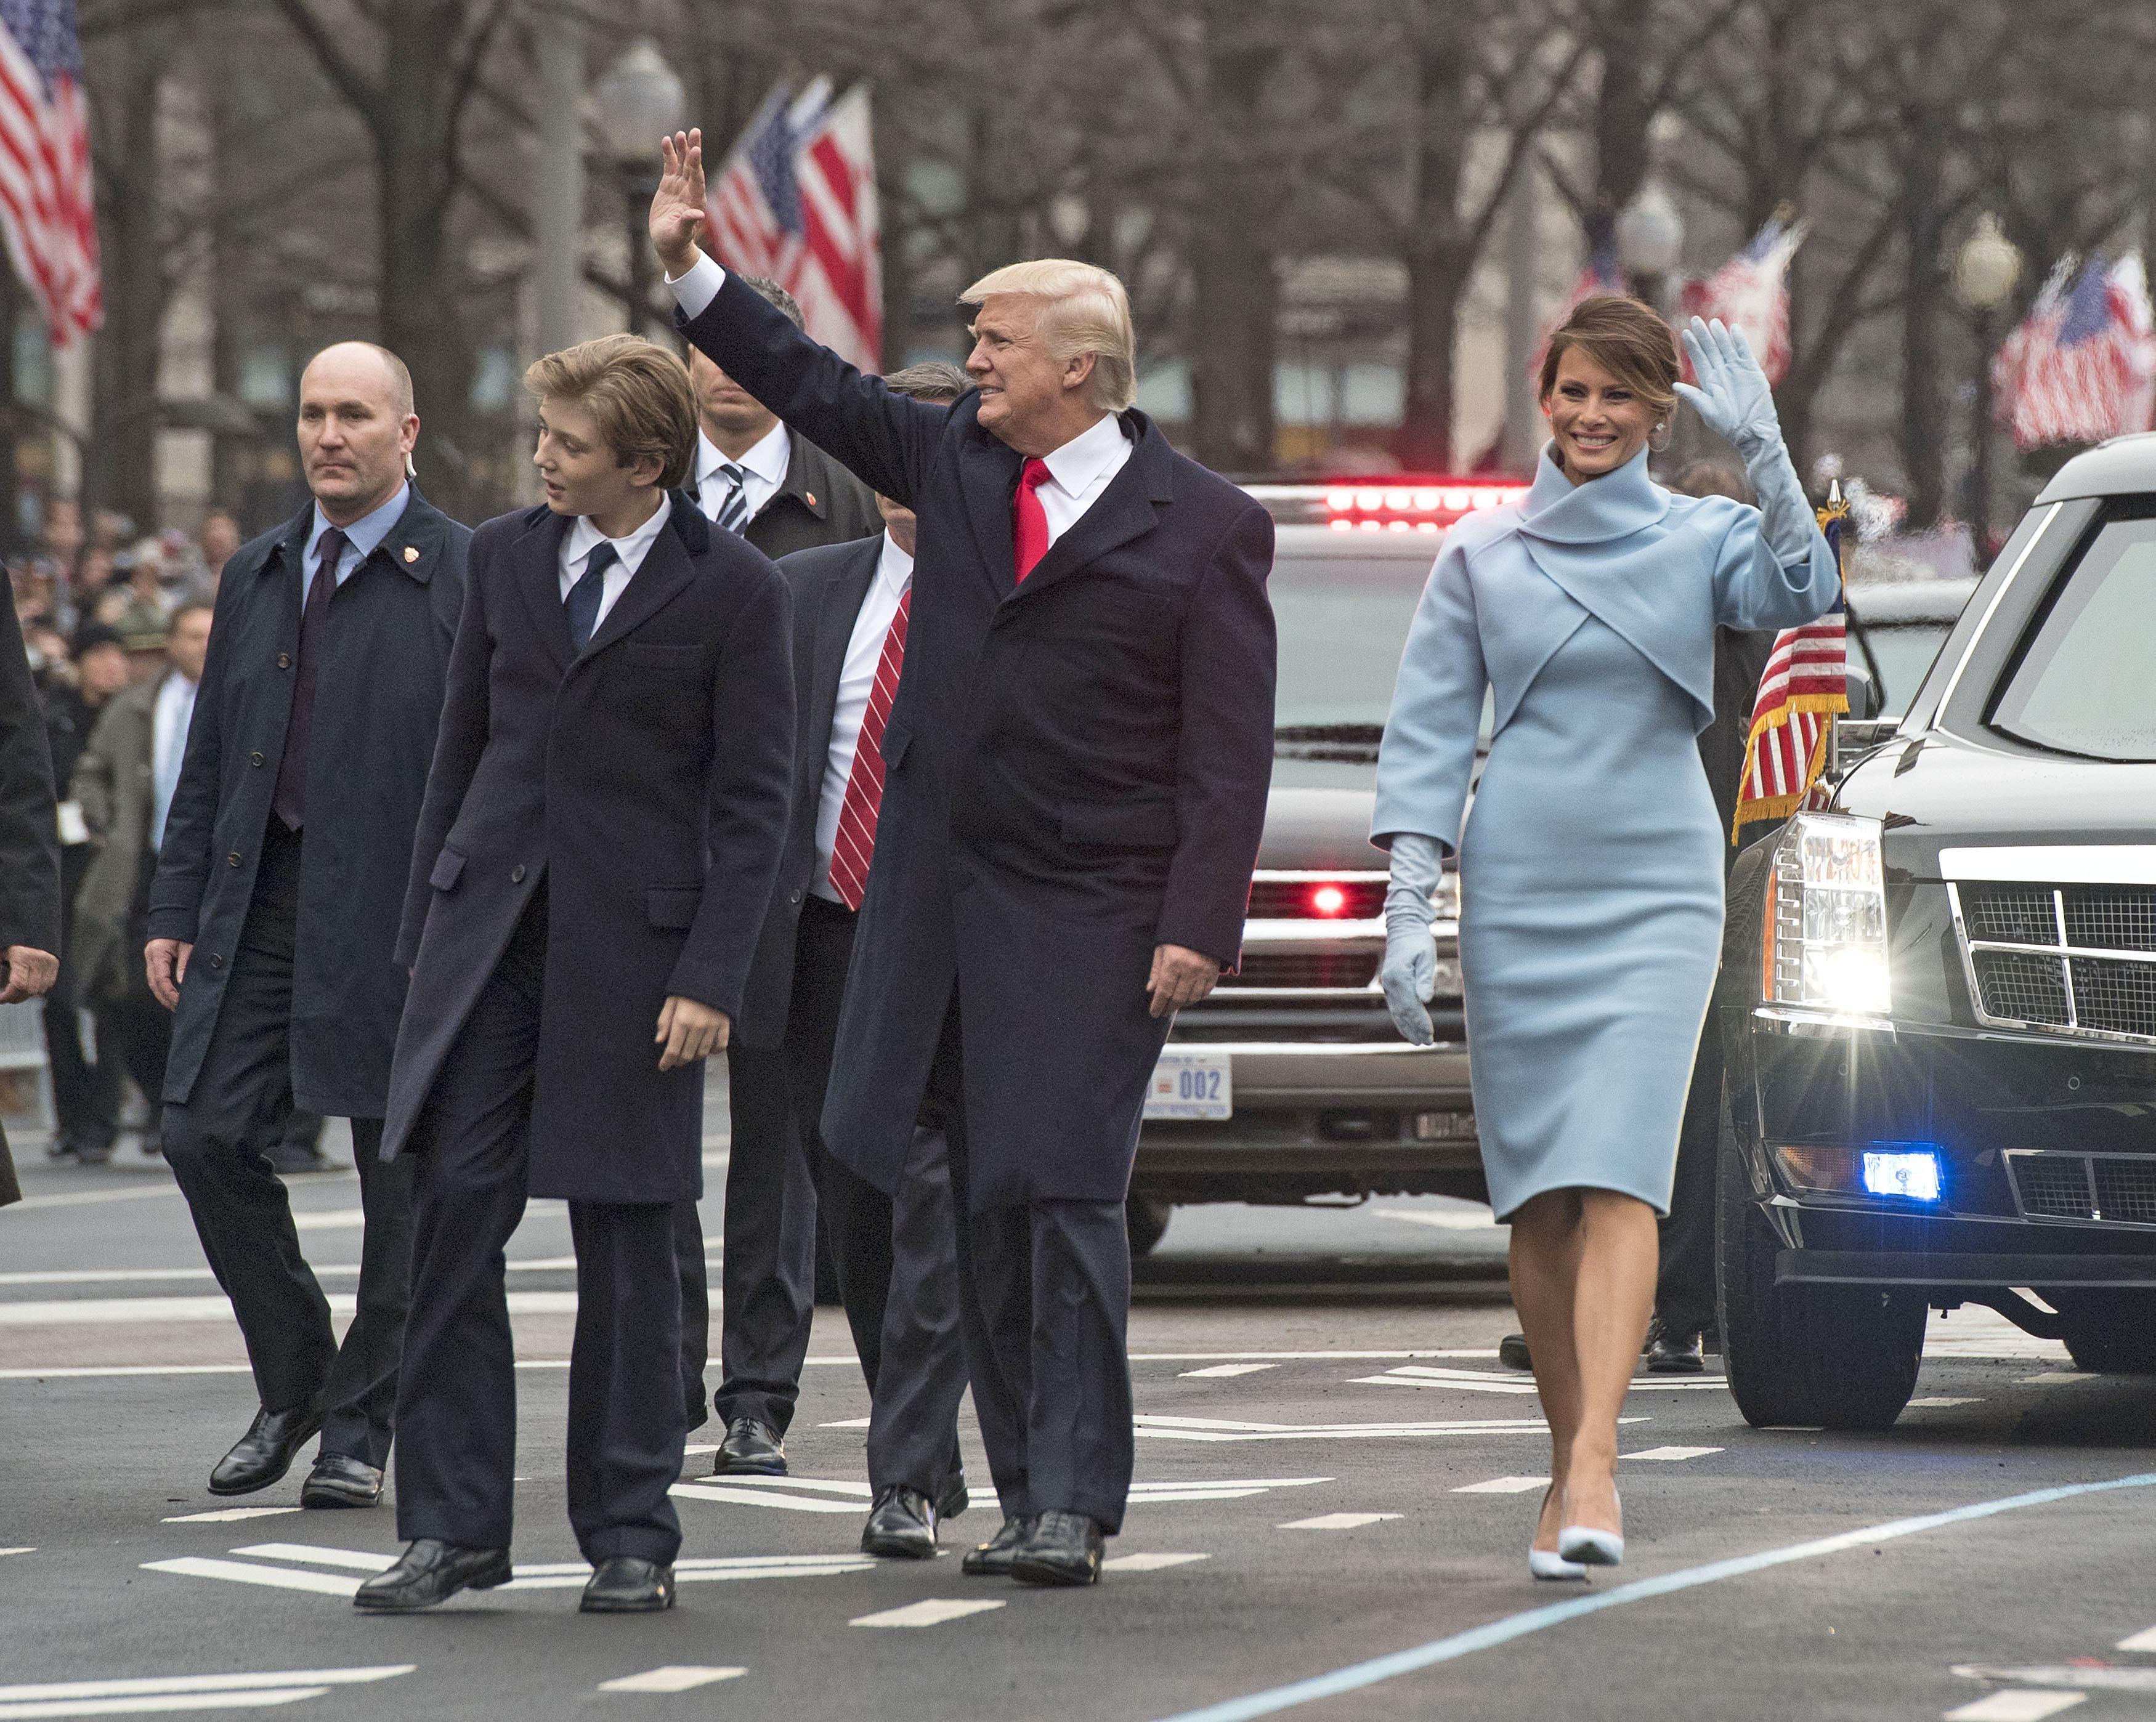 President Trump Inaugural Parade